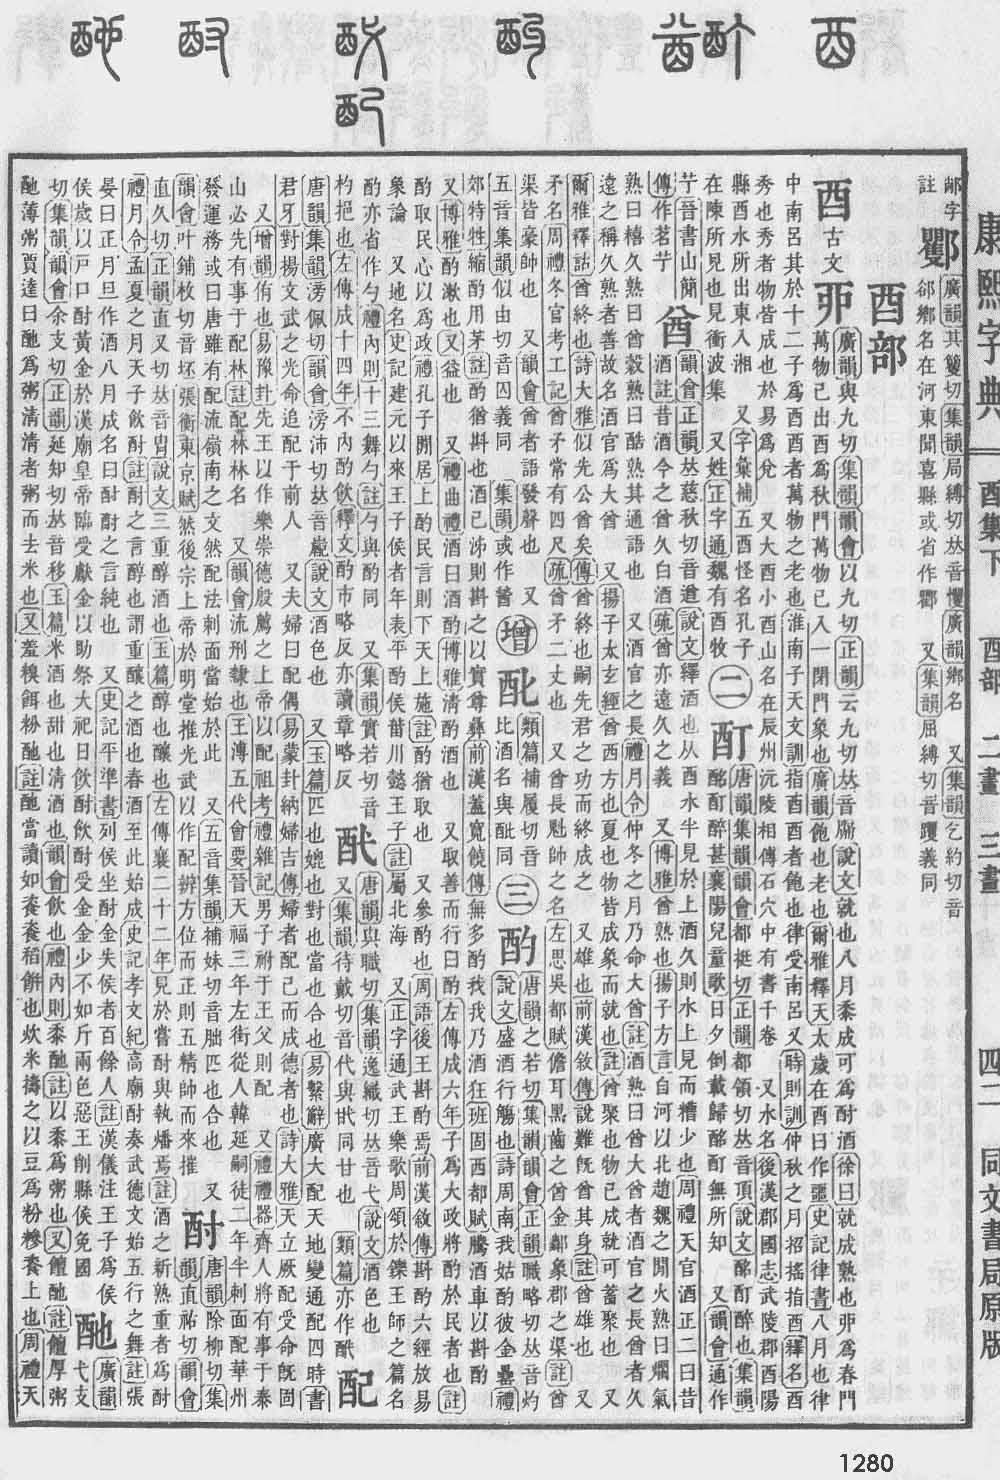 《康熙字典》第1280页